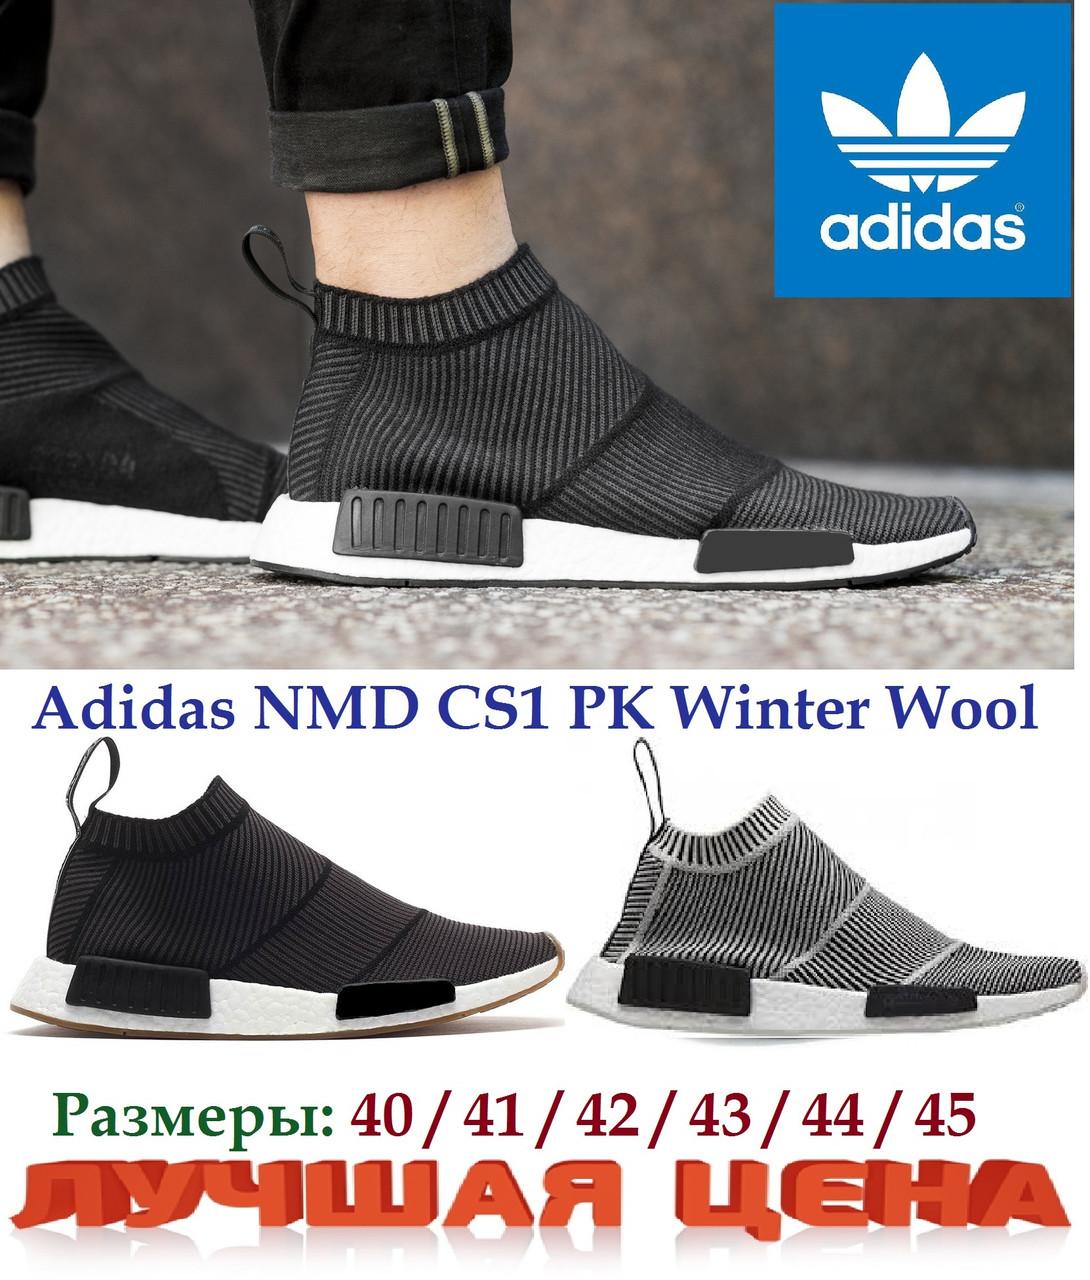 Кроссовки Adidas NMD CS1 PK Winter Wool. Лицензионное производство - Турция. Реплика